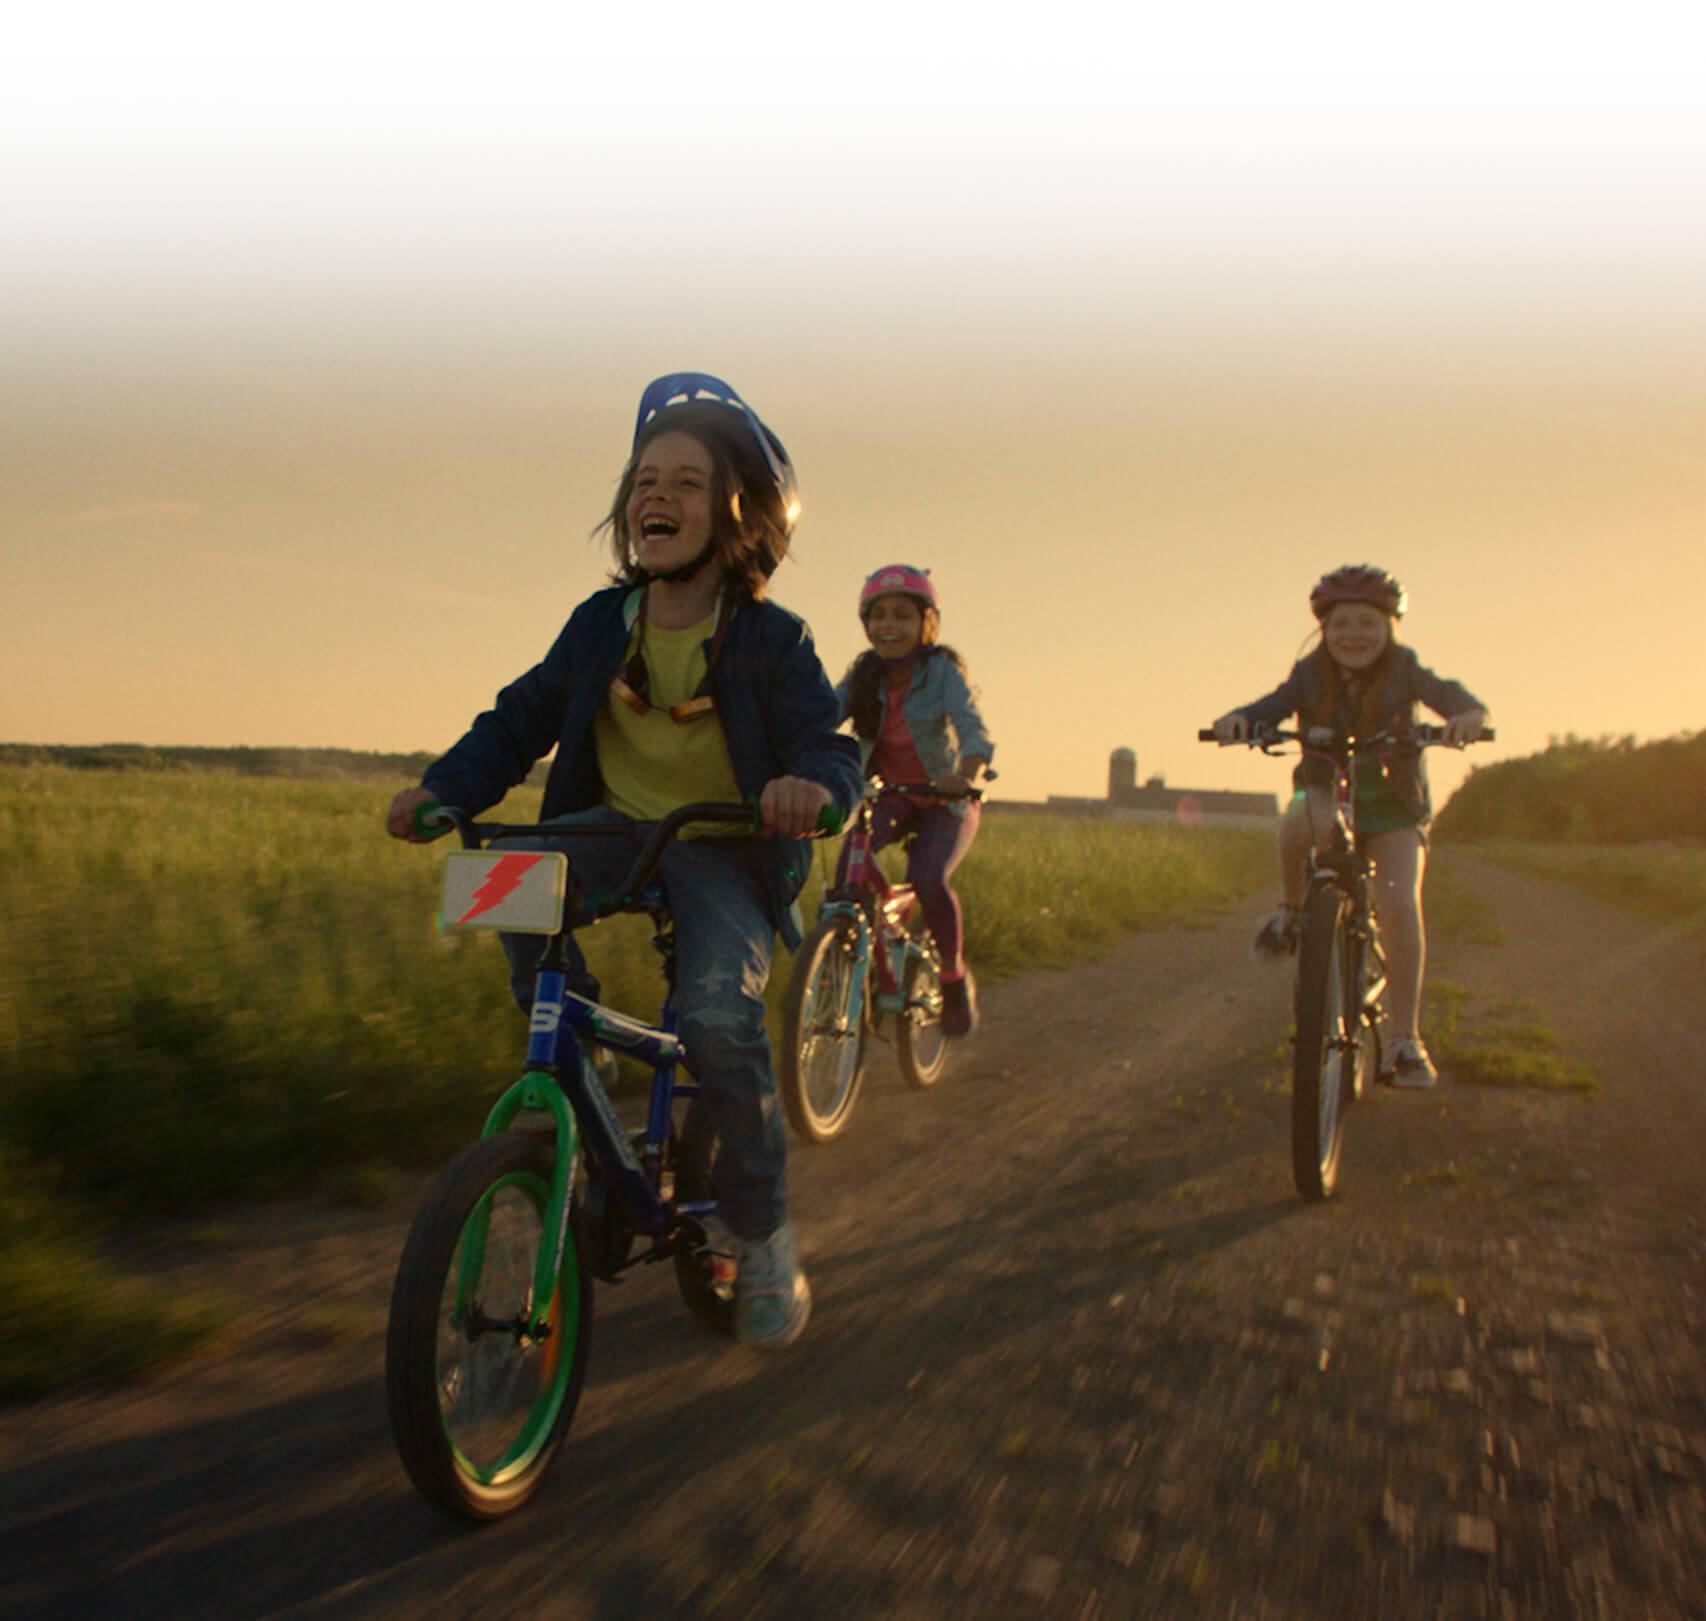 Deux enfants à vélo sillonnent avec enthousiasme un chemin de campagne au coucher du soleil.